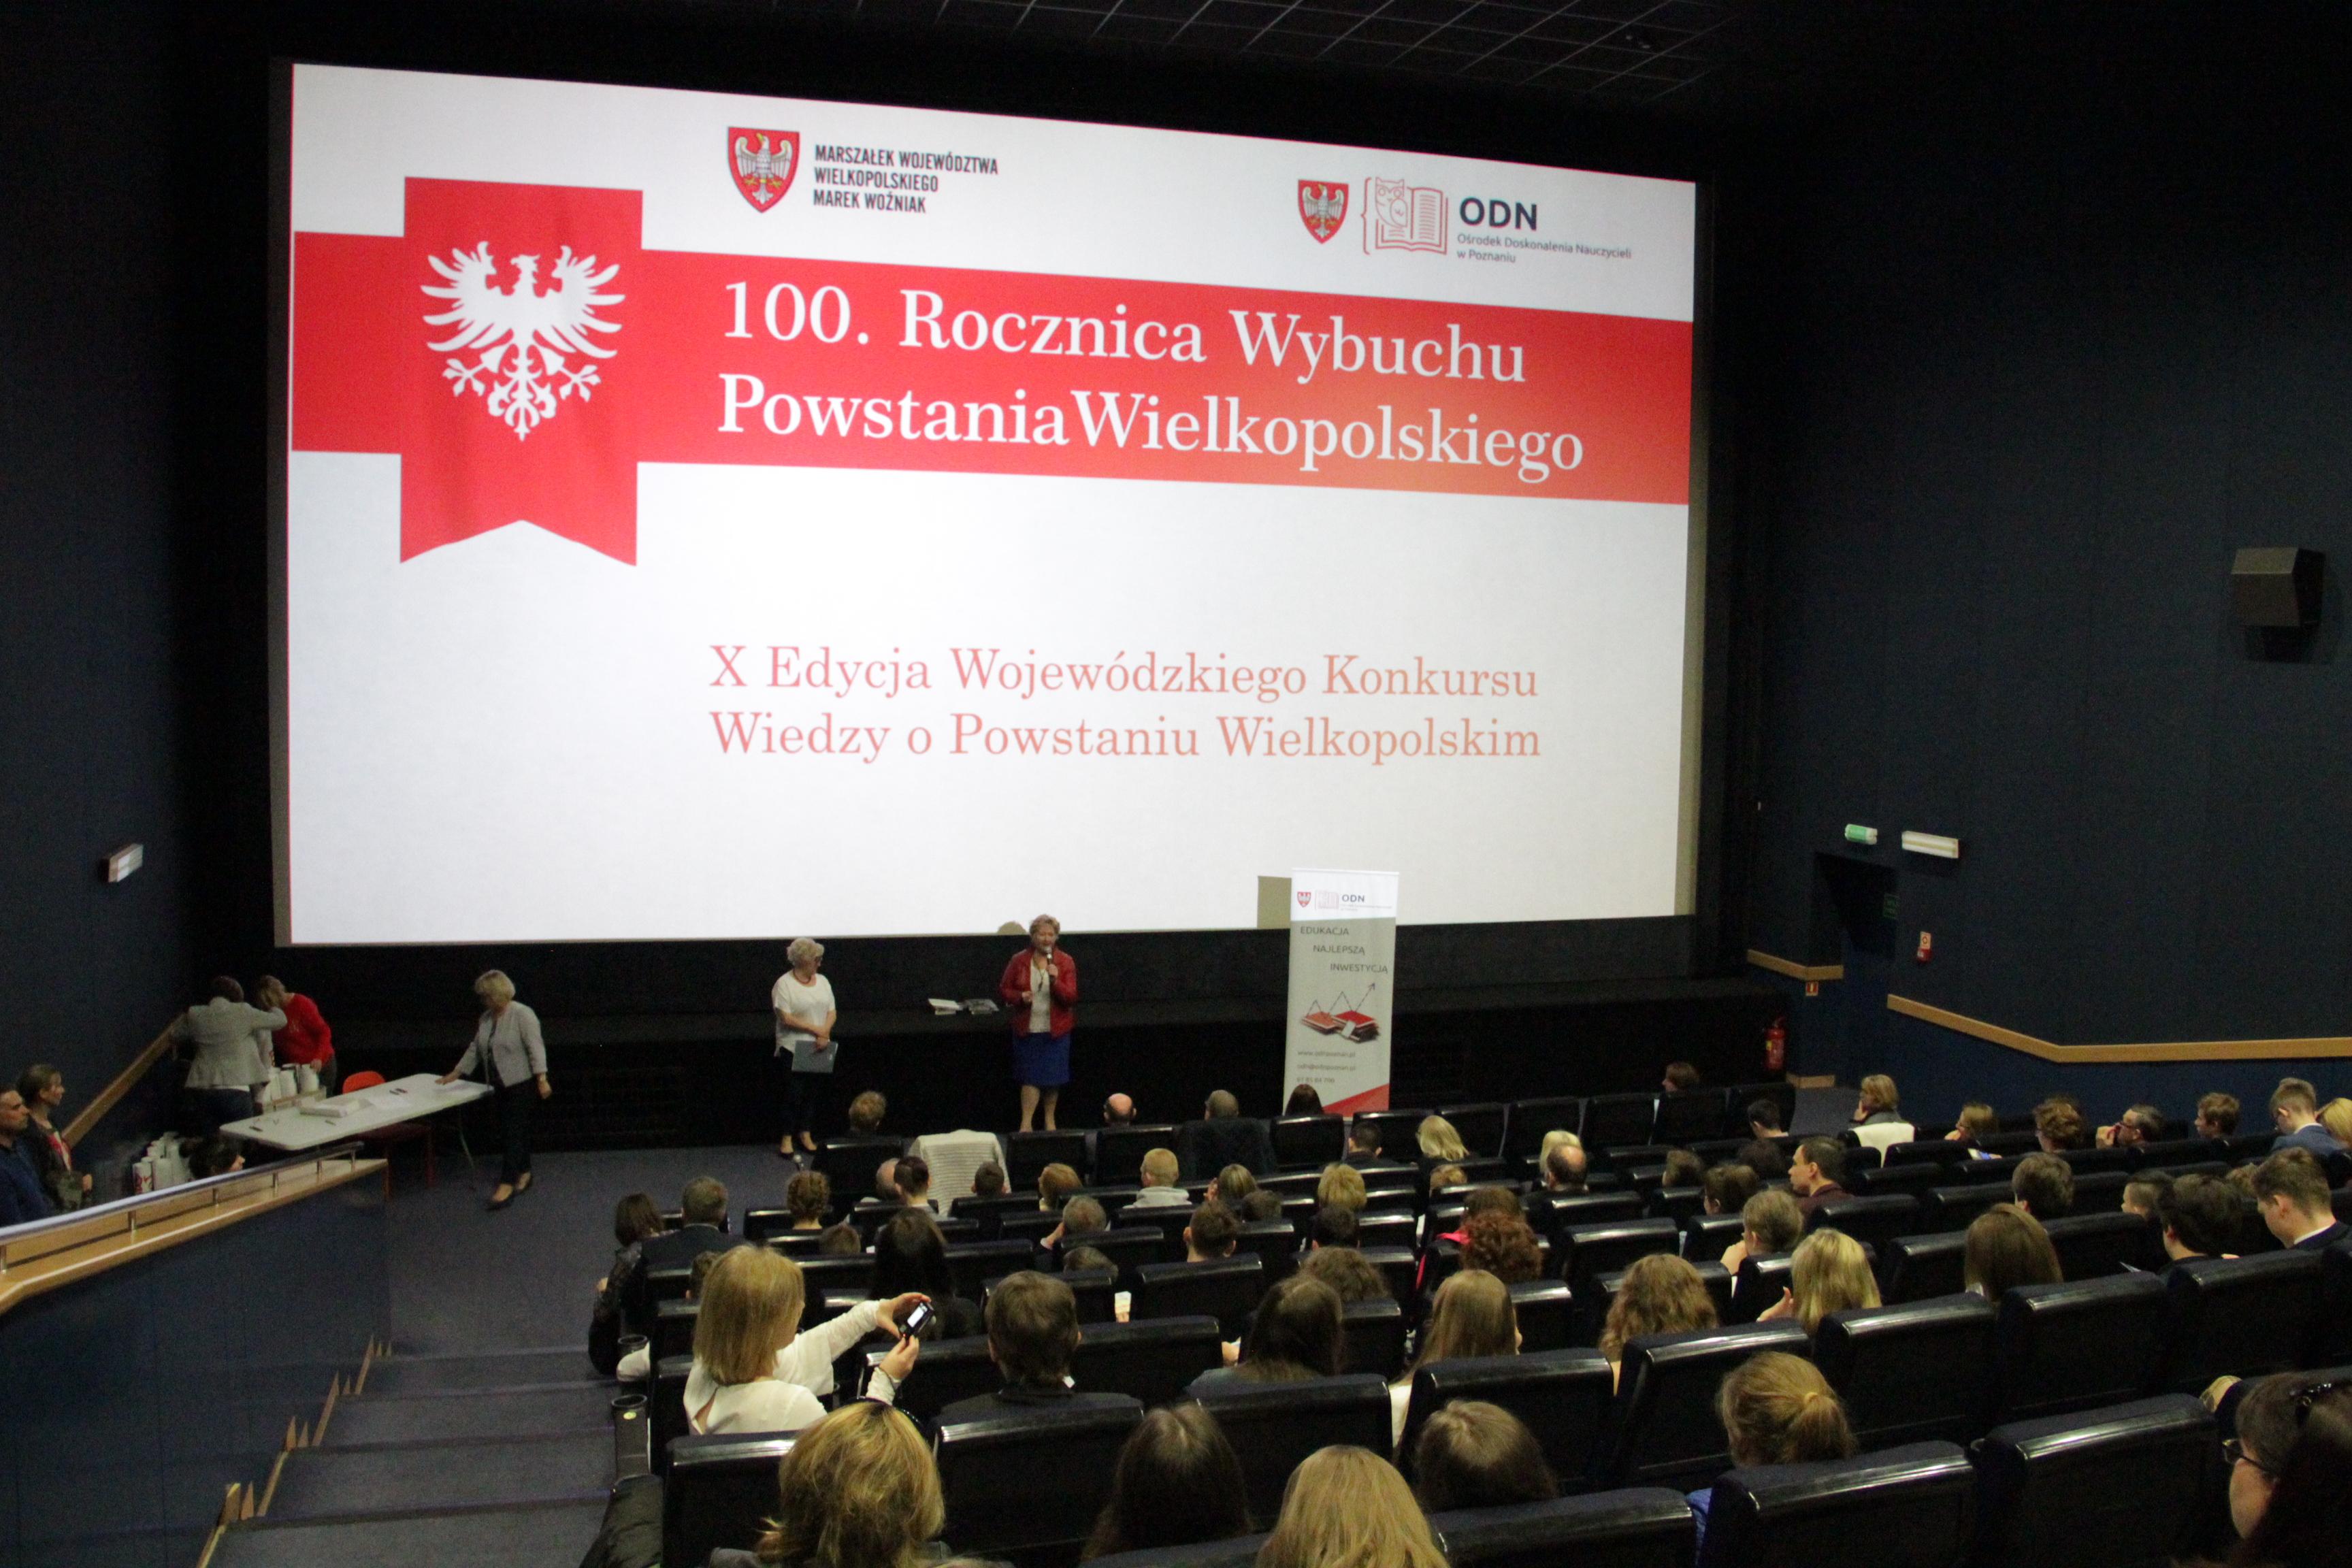 X. edycja Konkursu wiedzy o Powstaniu Wielkopolskim zorganizowana przez Ośrodek Doskonalenia Nauczycieli w Poznaniu.